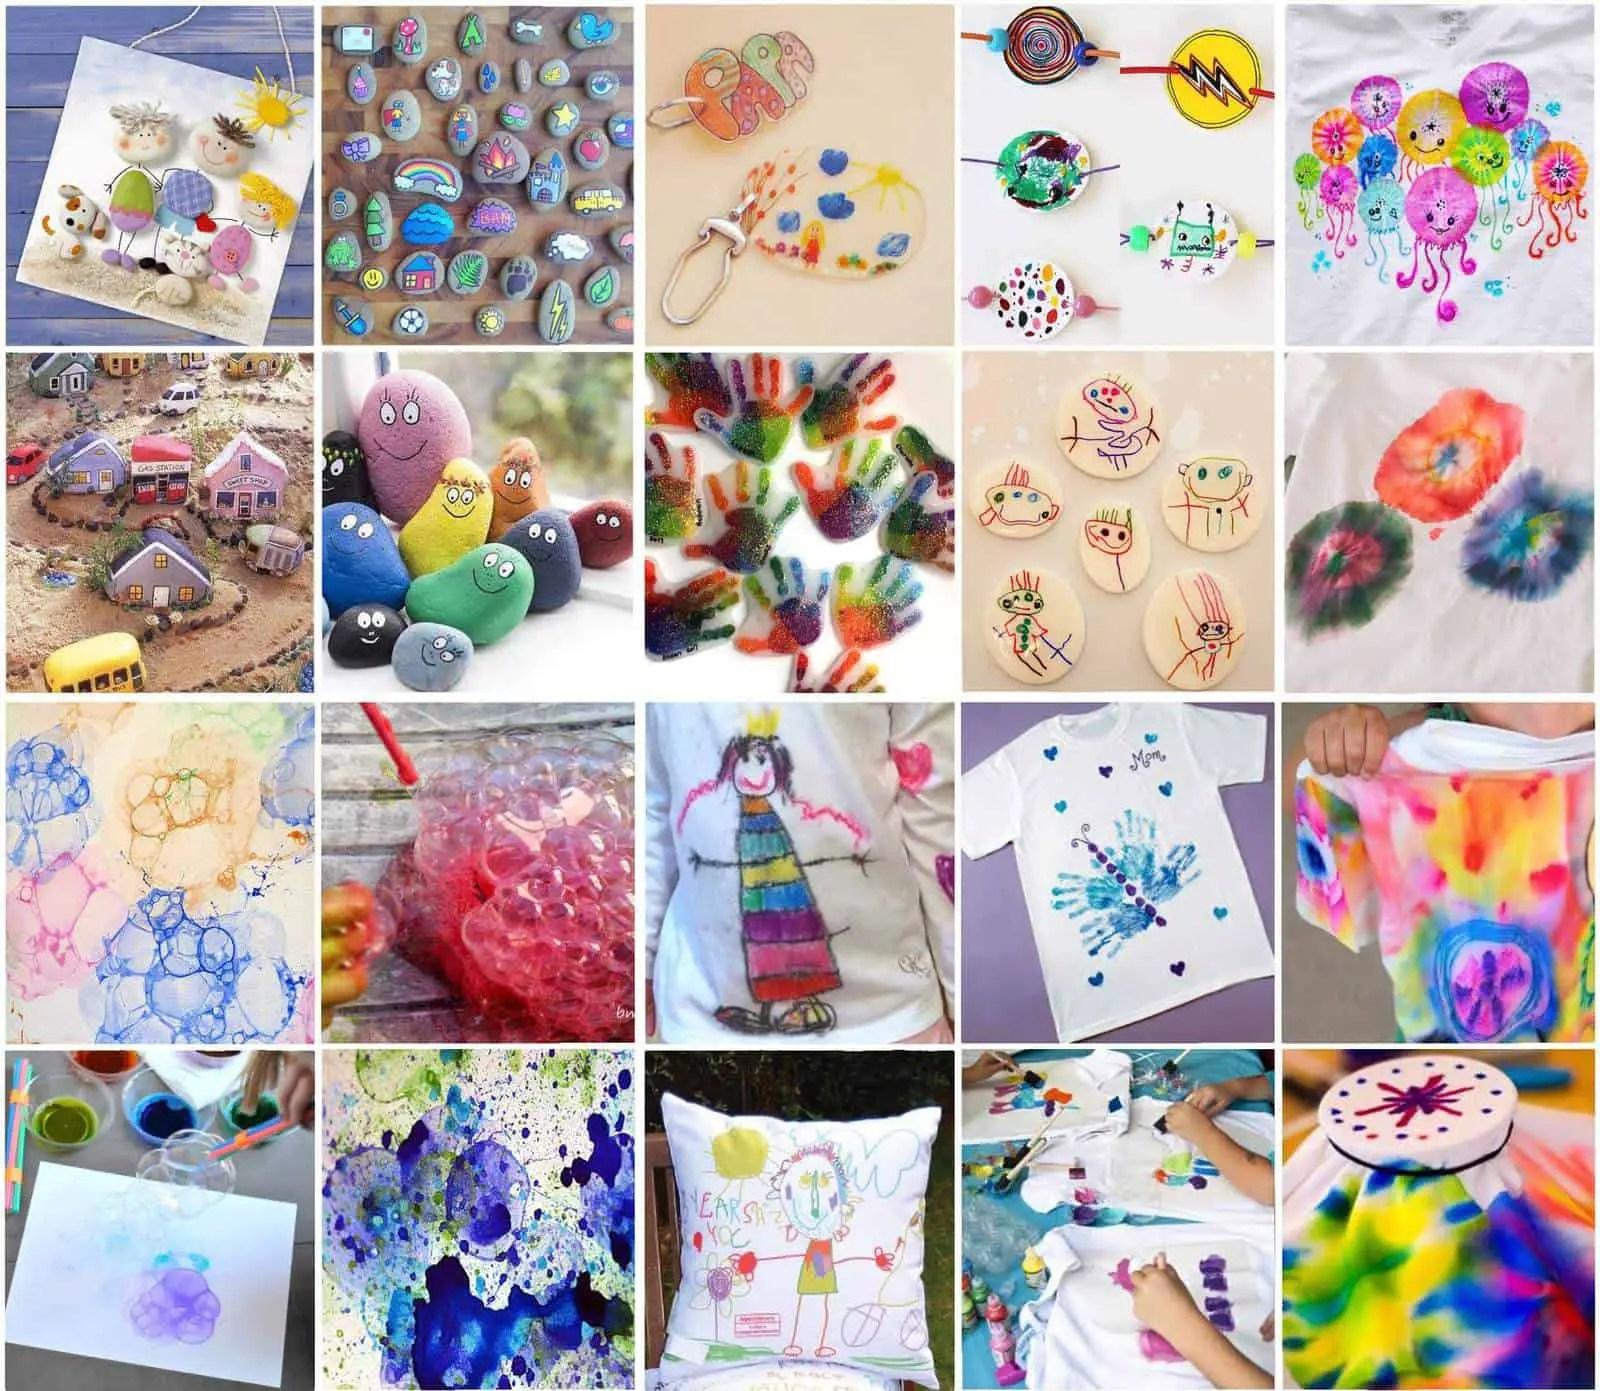 Diferentes ideas para que los niños dibujen y pinten con pinturas y soportes variados